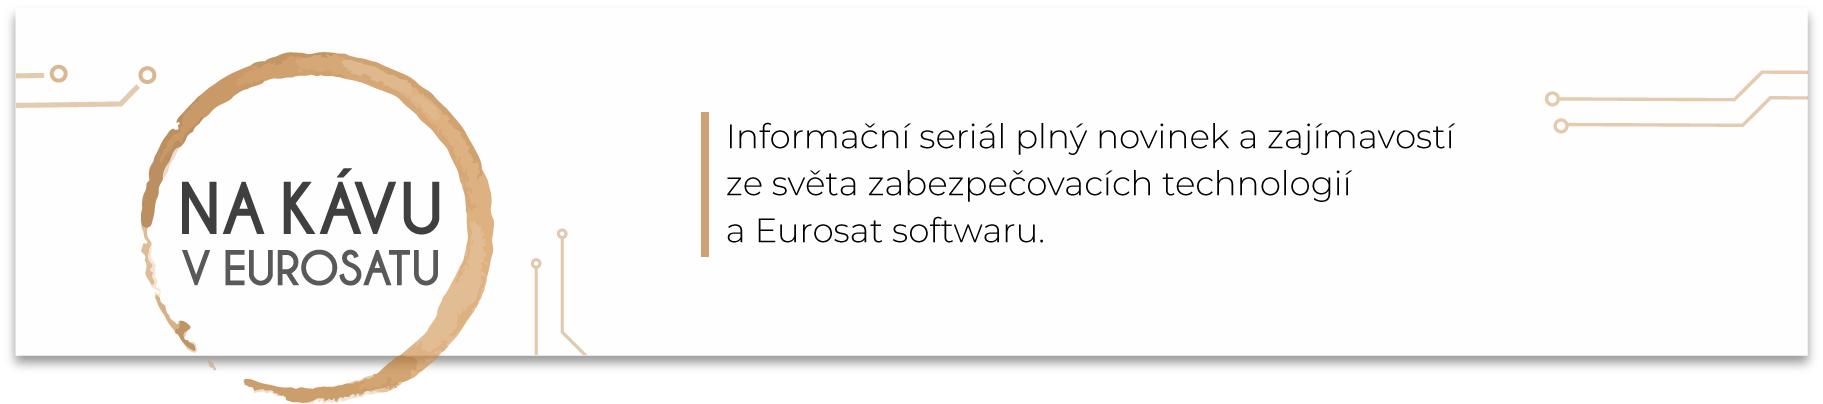 Na kavu v Eurosatu informacni serial zabezpecovaci technologie Eurosat CS software sysdo docházkový systém